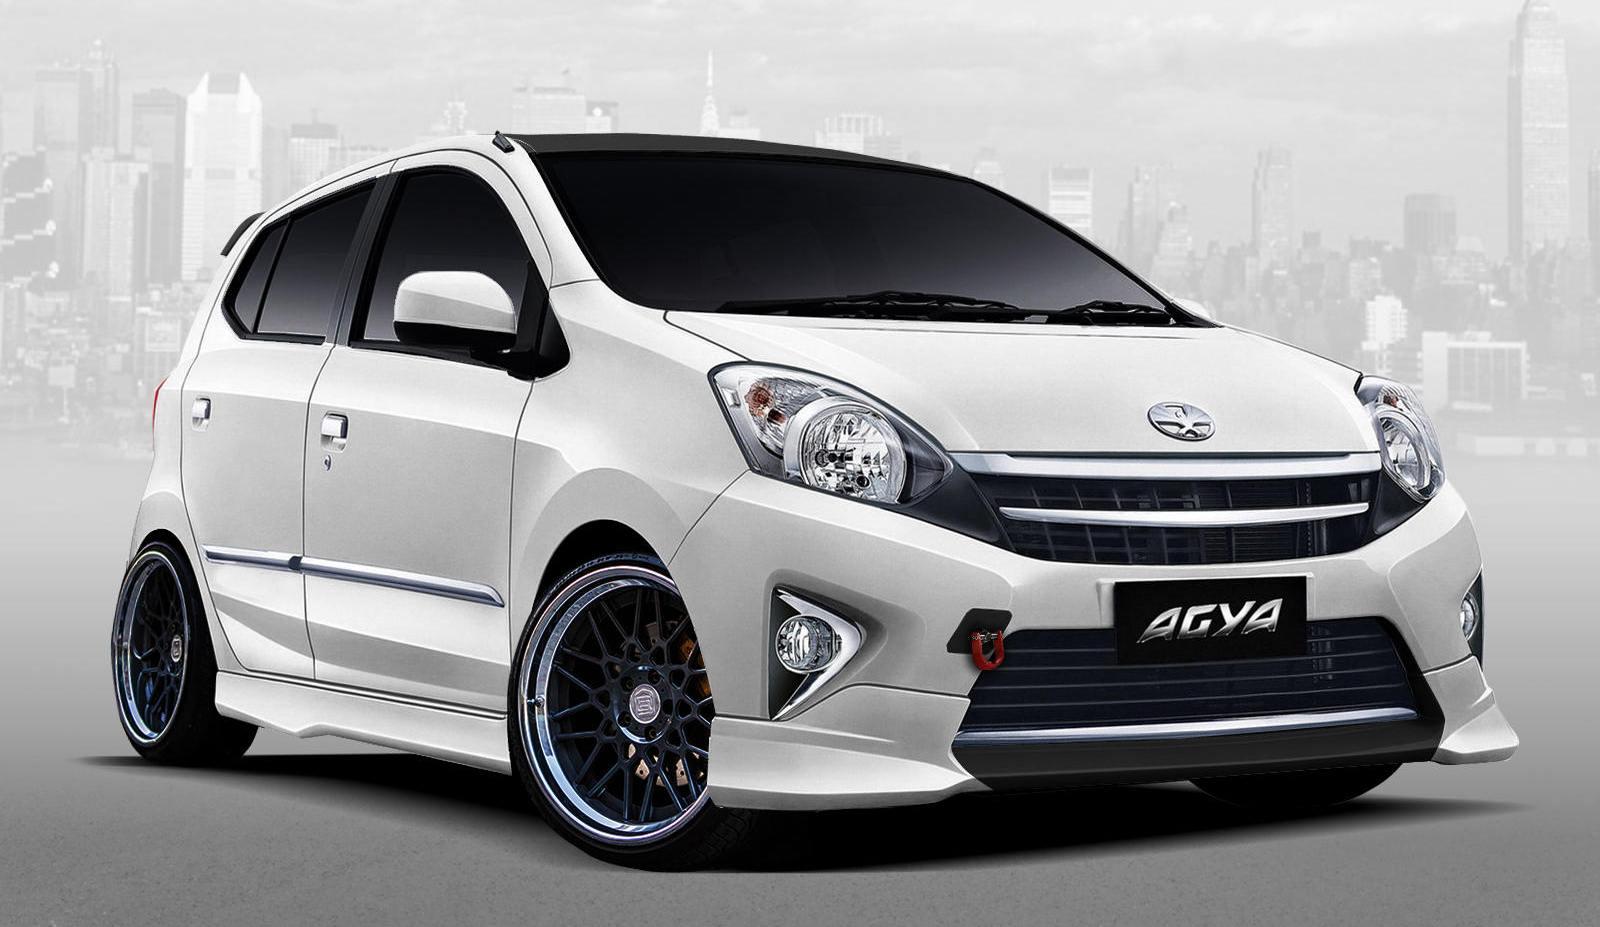 Mobil Bekas Bali Dijual – MobilSecond.Info